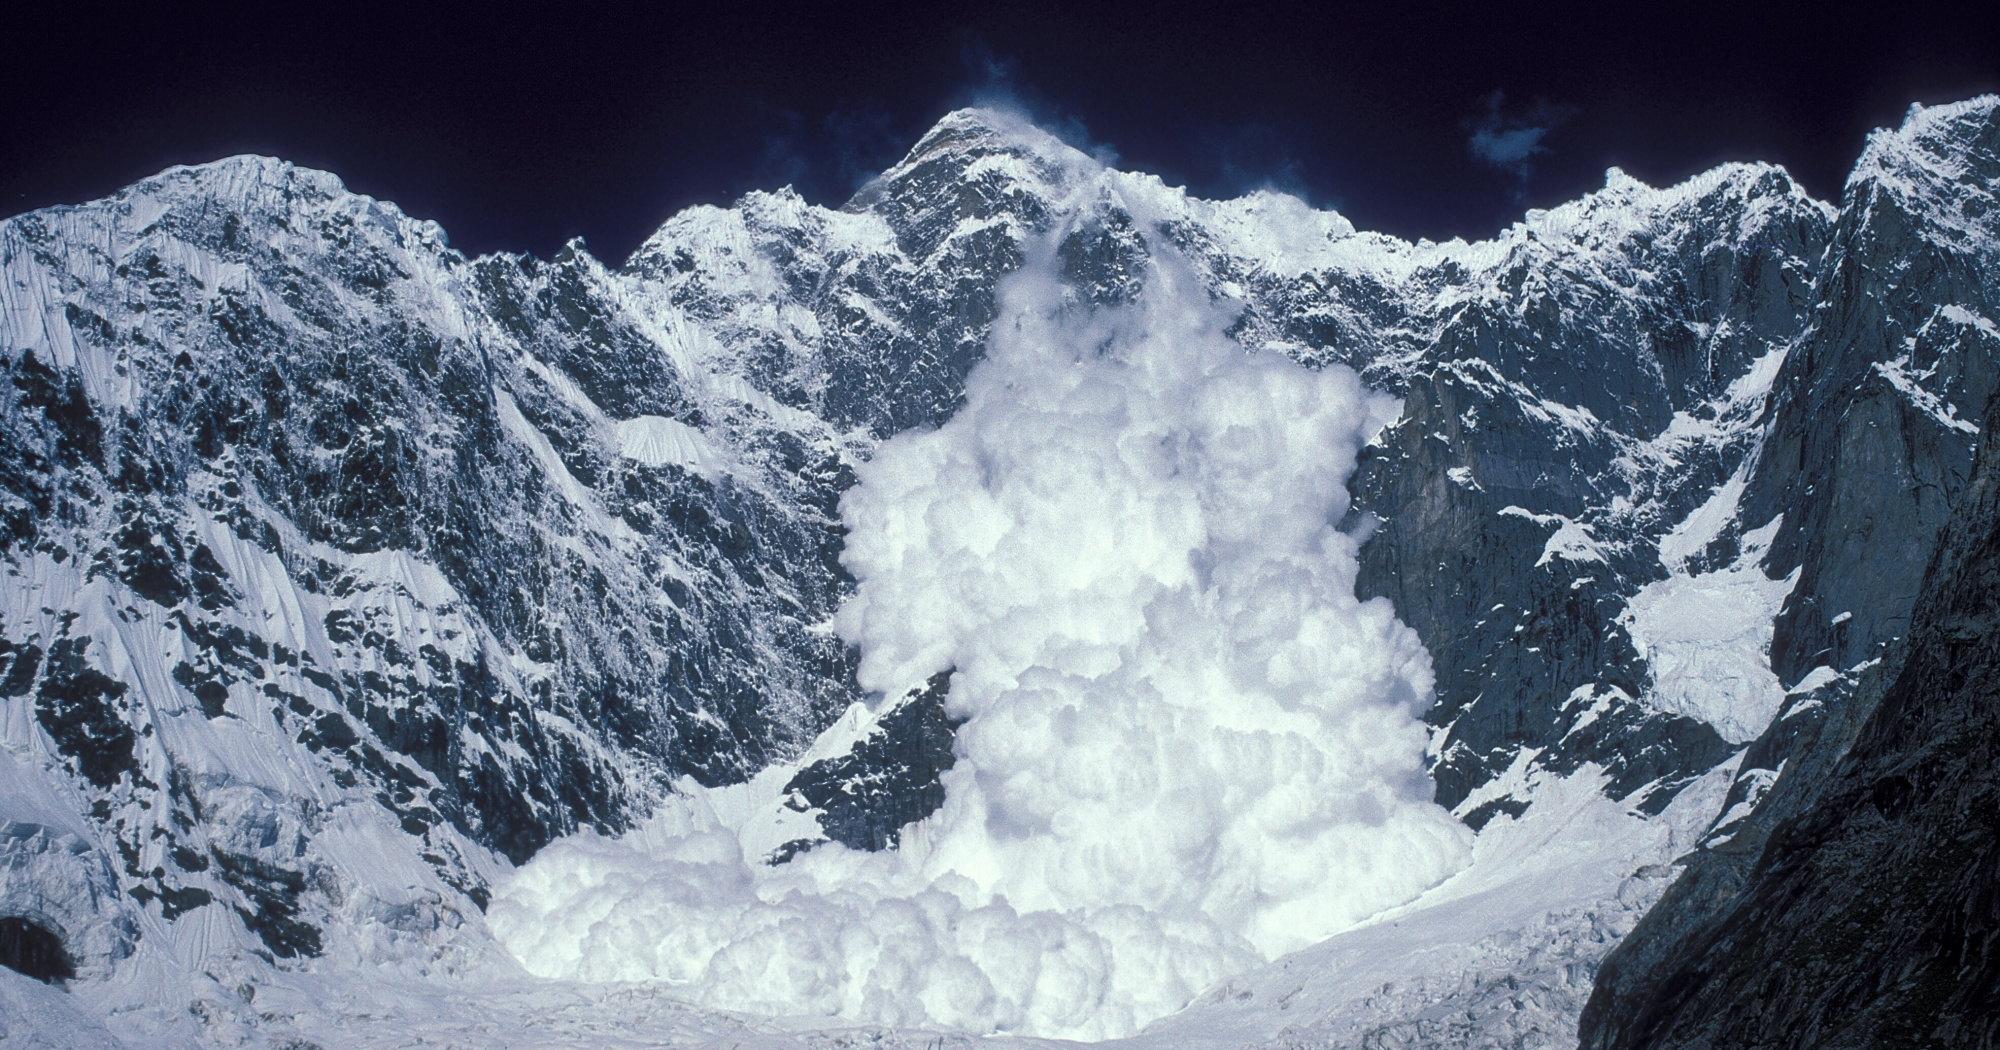 При сходе лавины в Турции погибли 33 человека